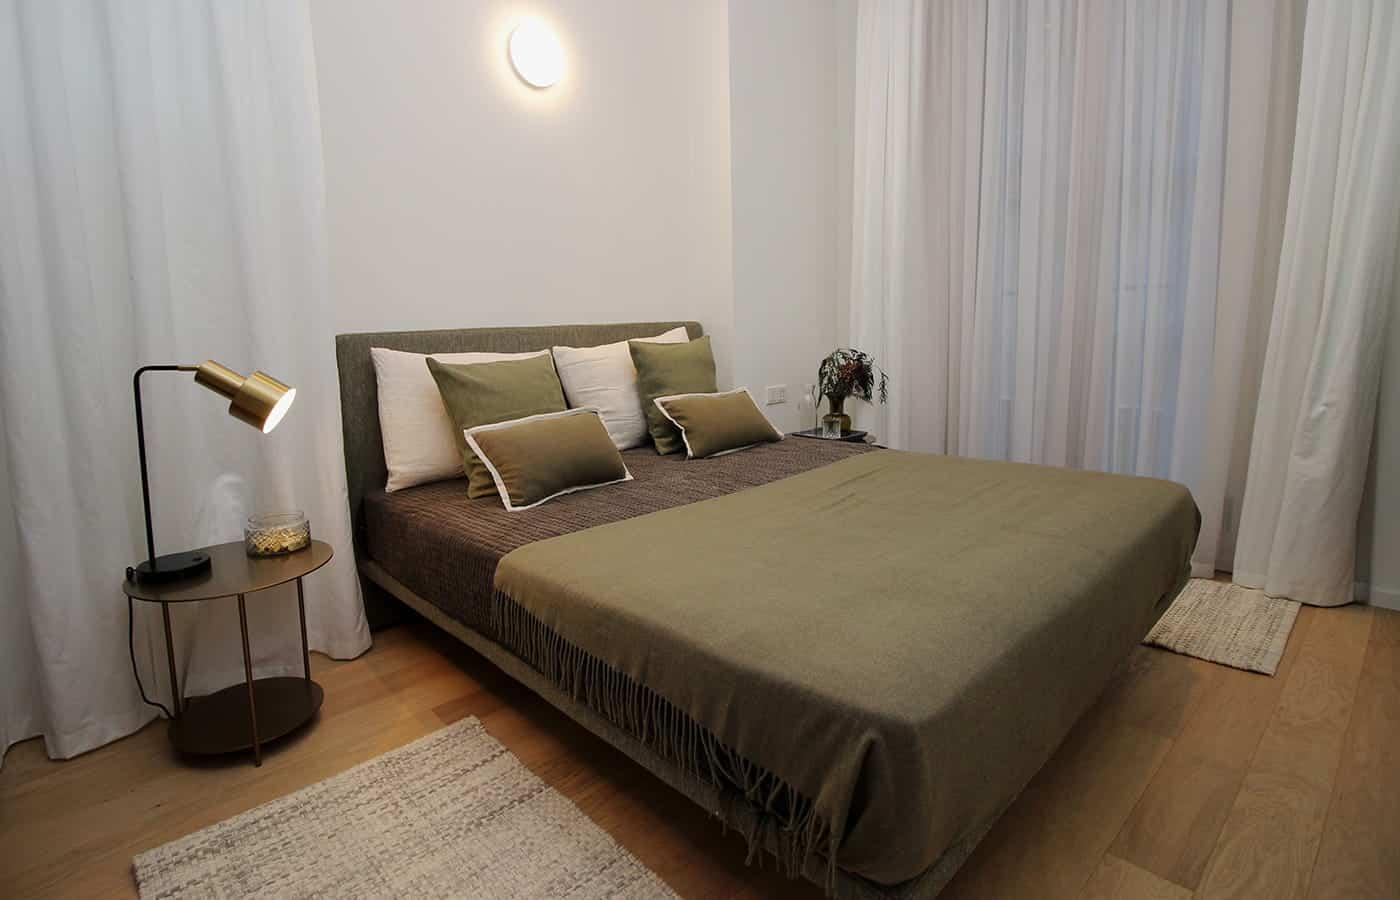 Camera da letto verde - Progetto Via Santo Spirito Milano - Il Mobile